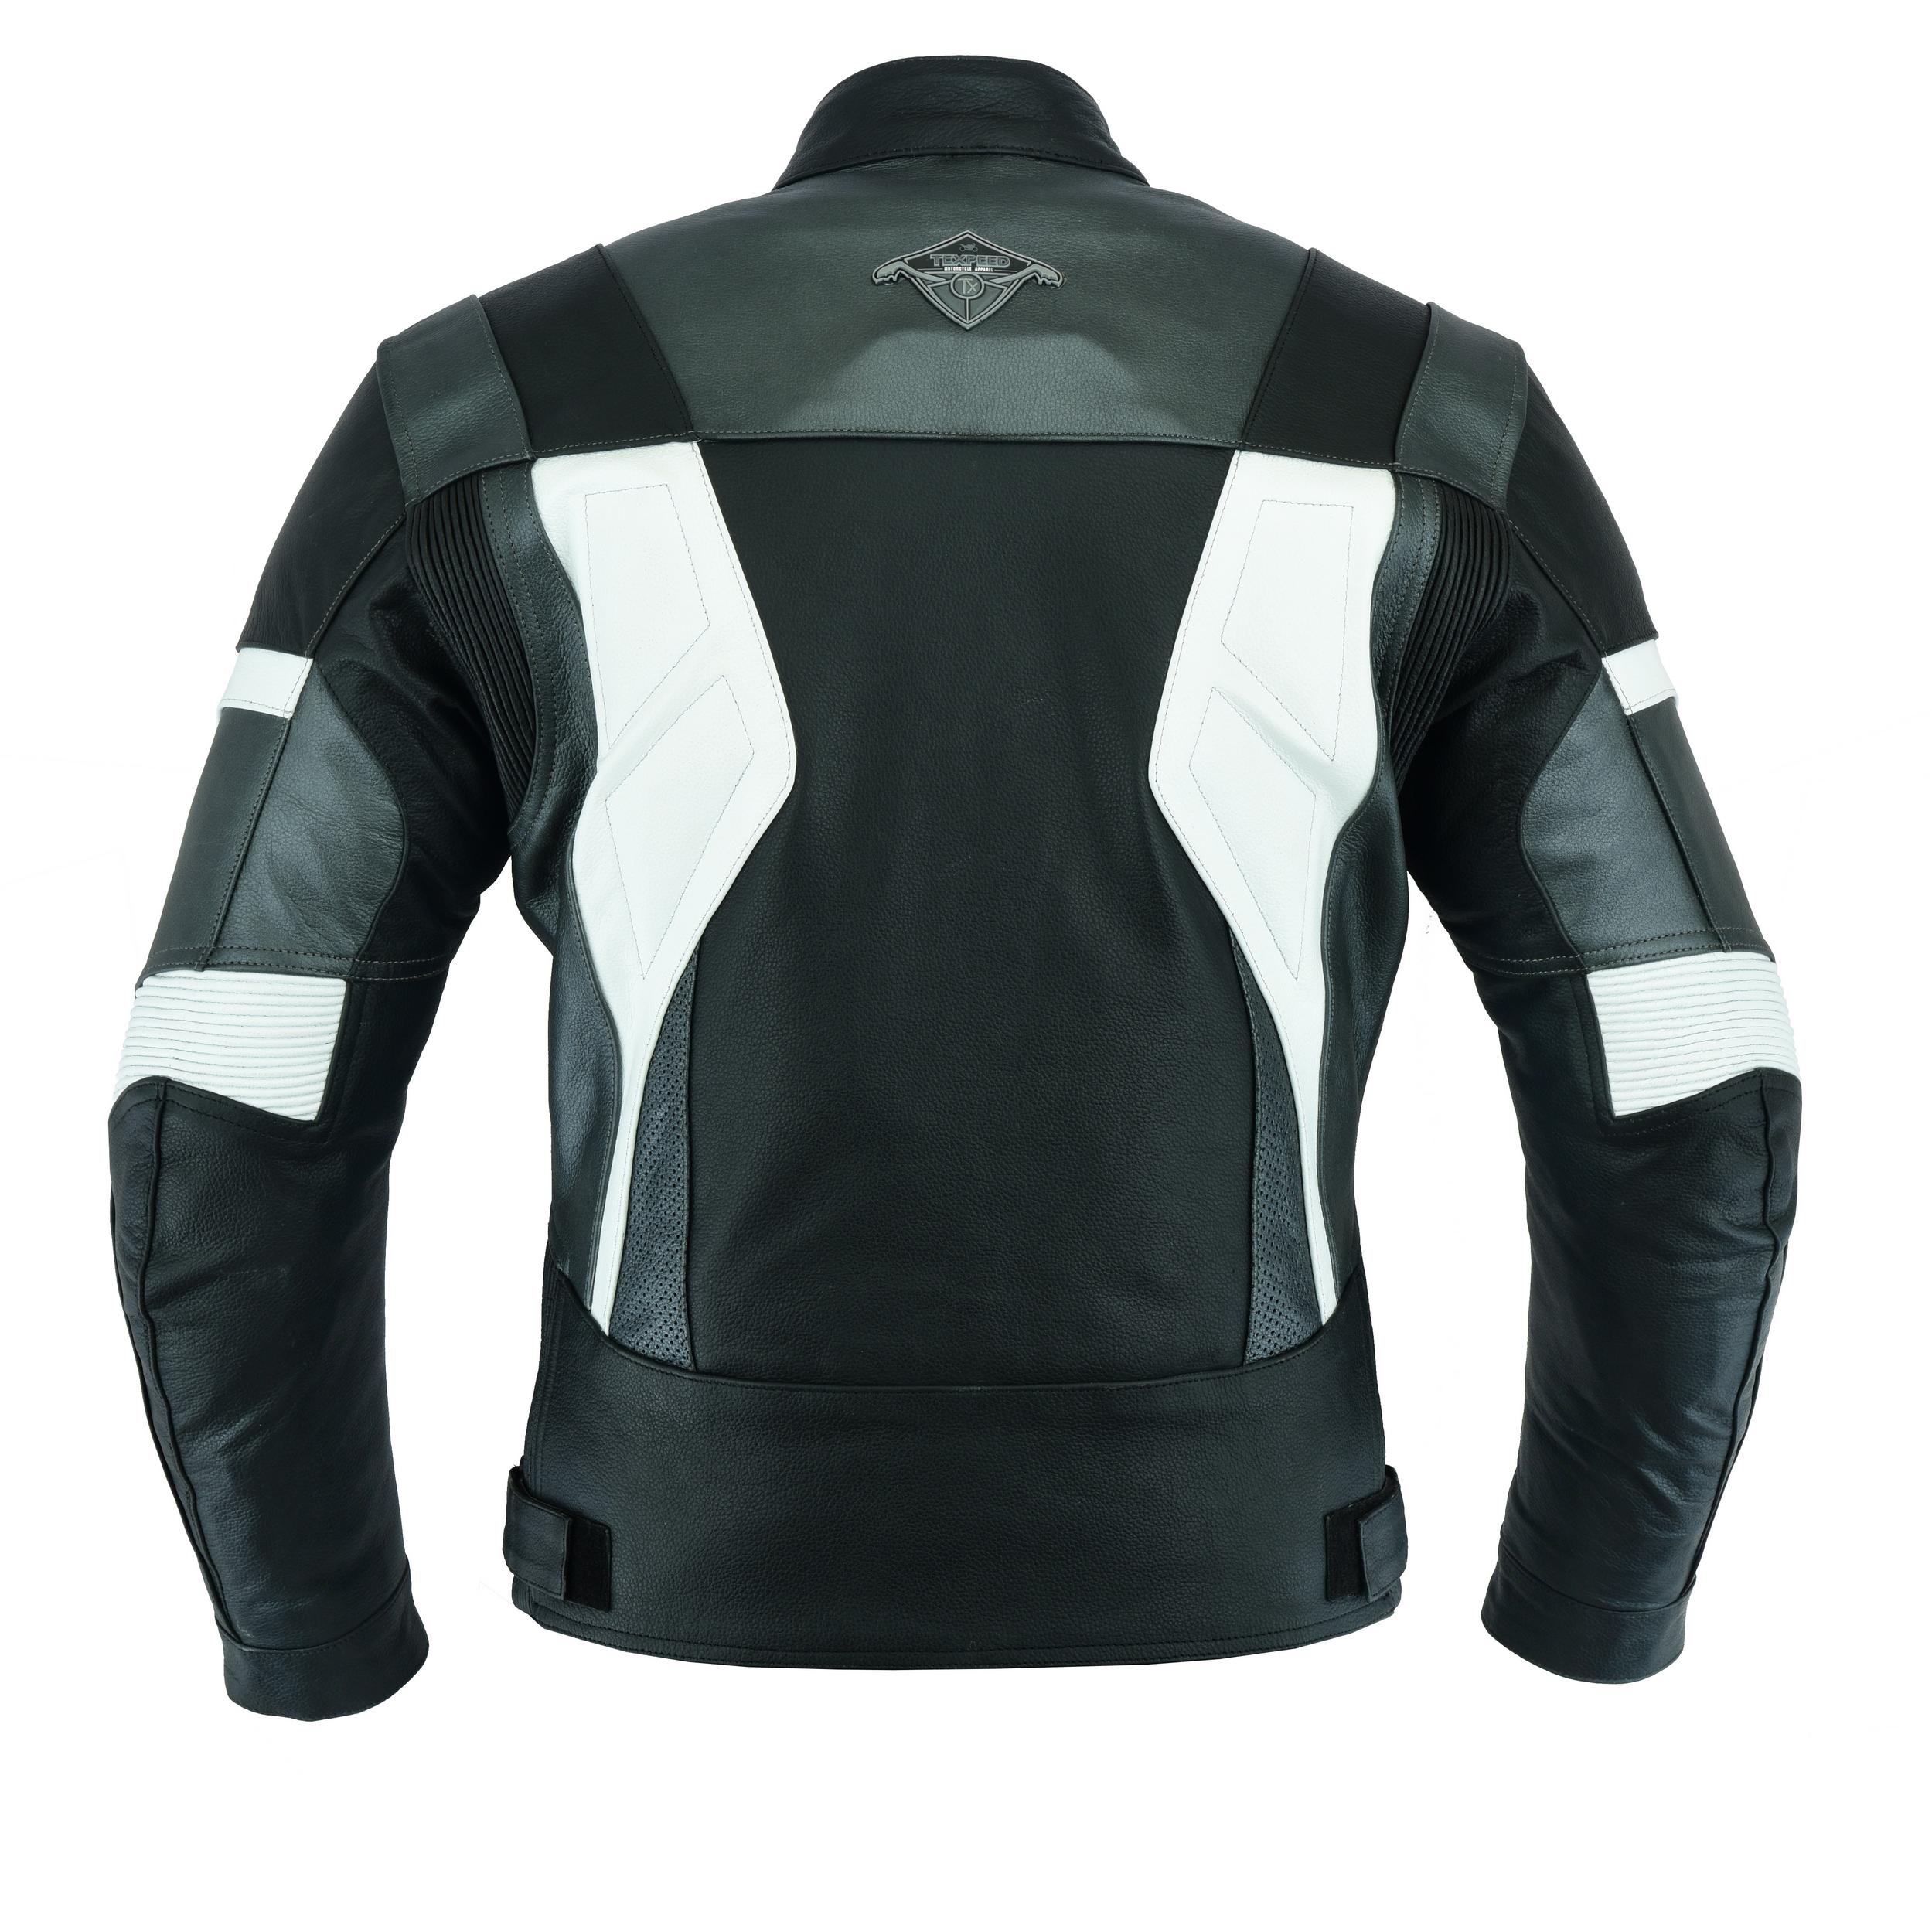 cuir noir//trois coloris Texpeed Veste de moto Pro pour homme avec protections amovibles